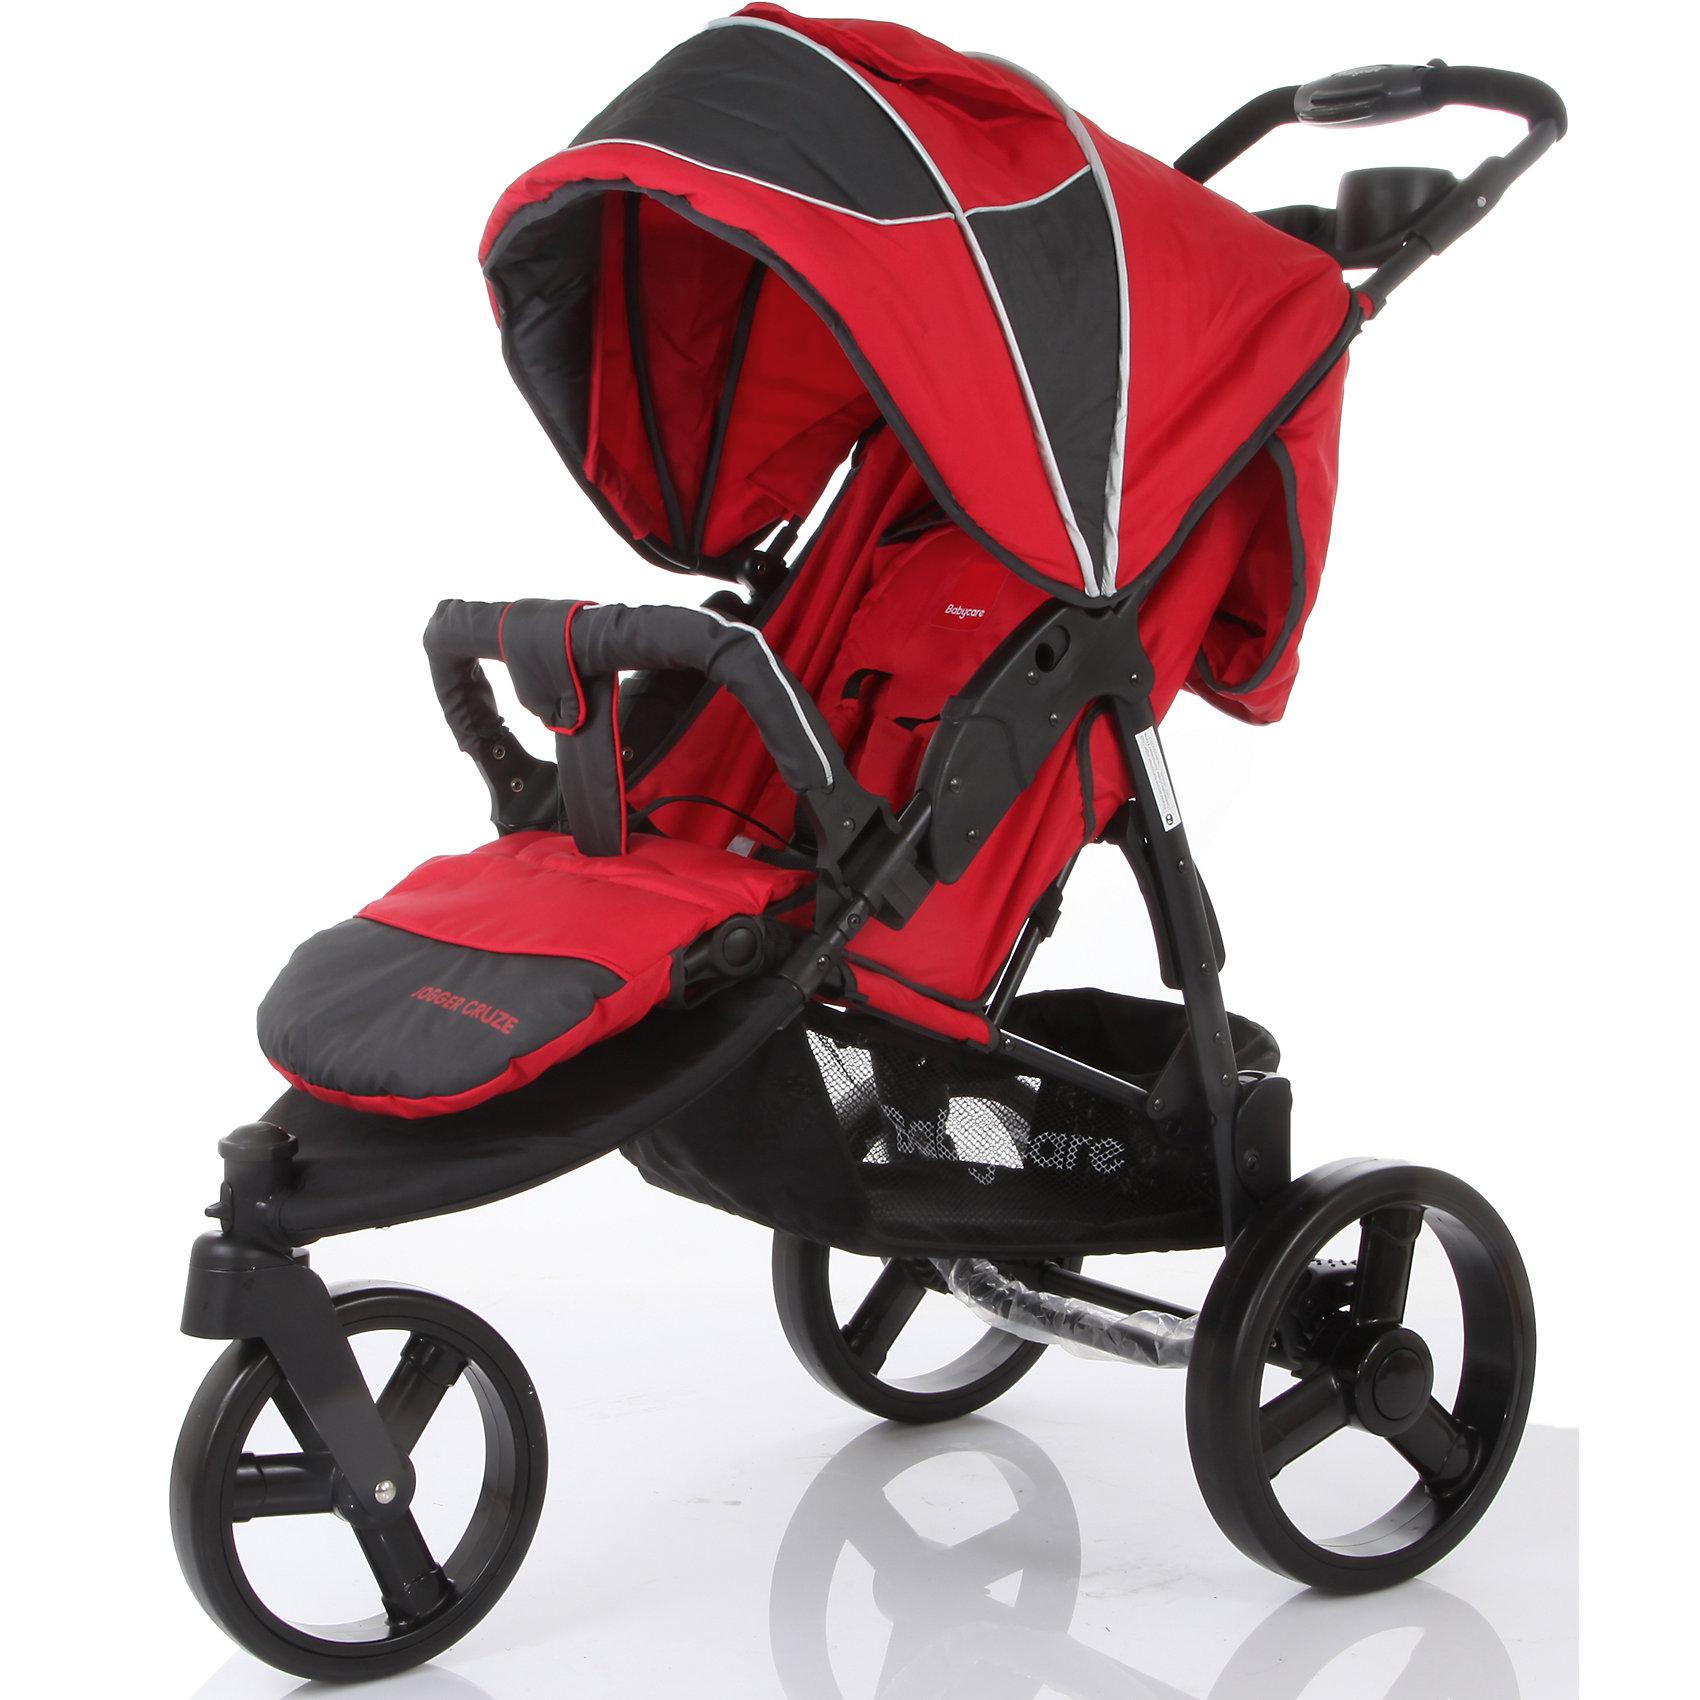 Прогулочная коляска Jogger Cruze, Baby Care, красный